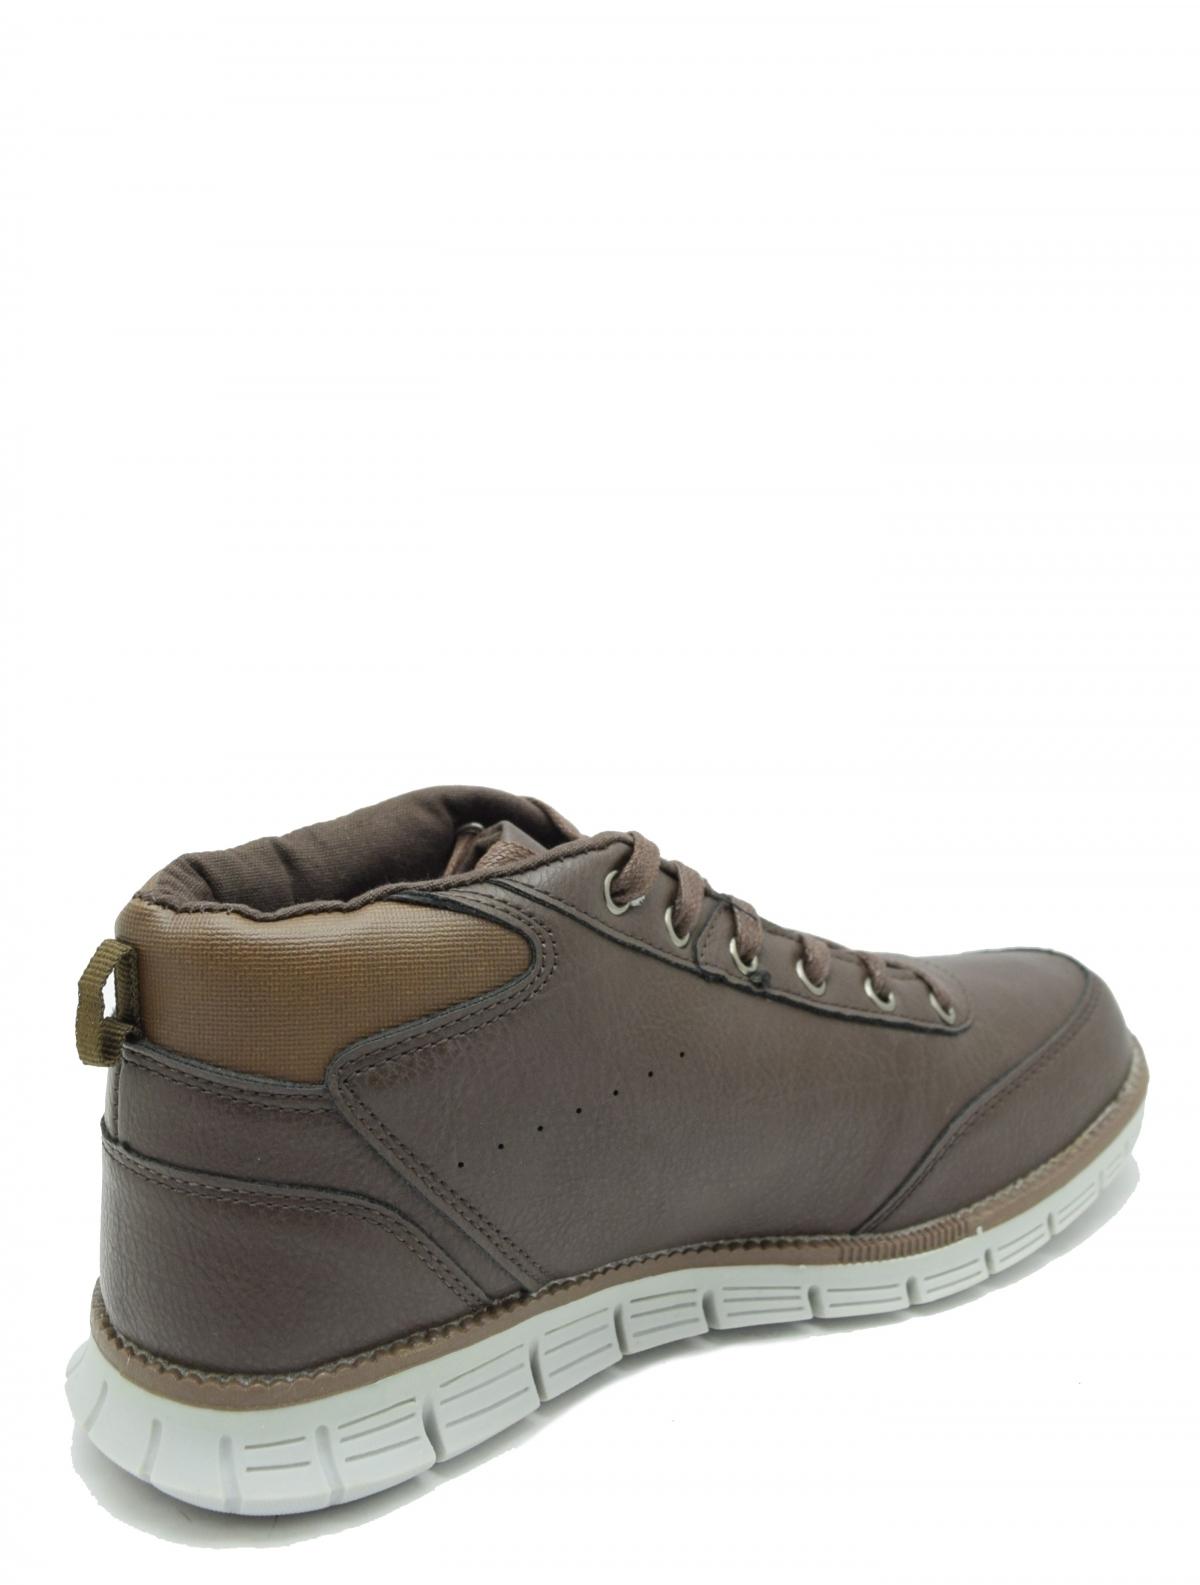 Trien H17-255-2 мужские ботинки